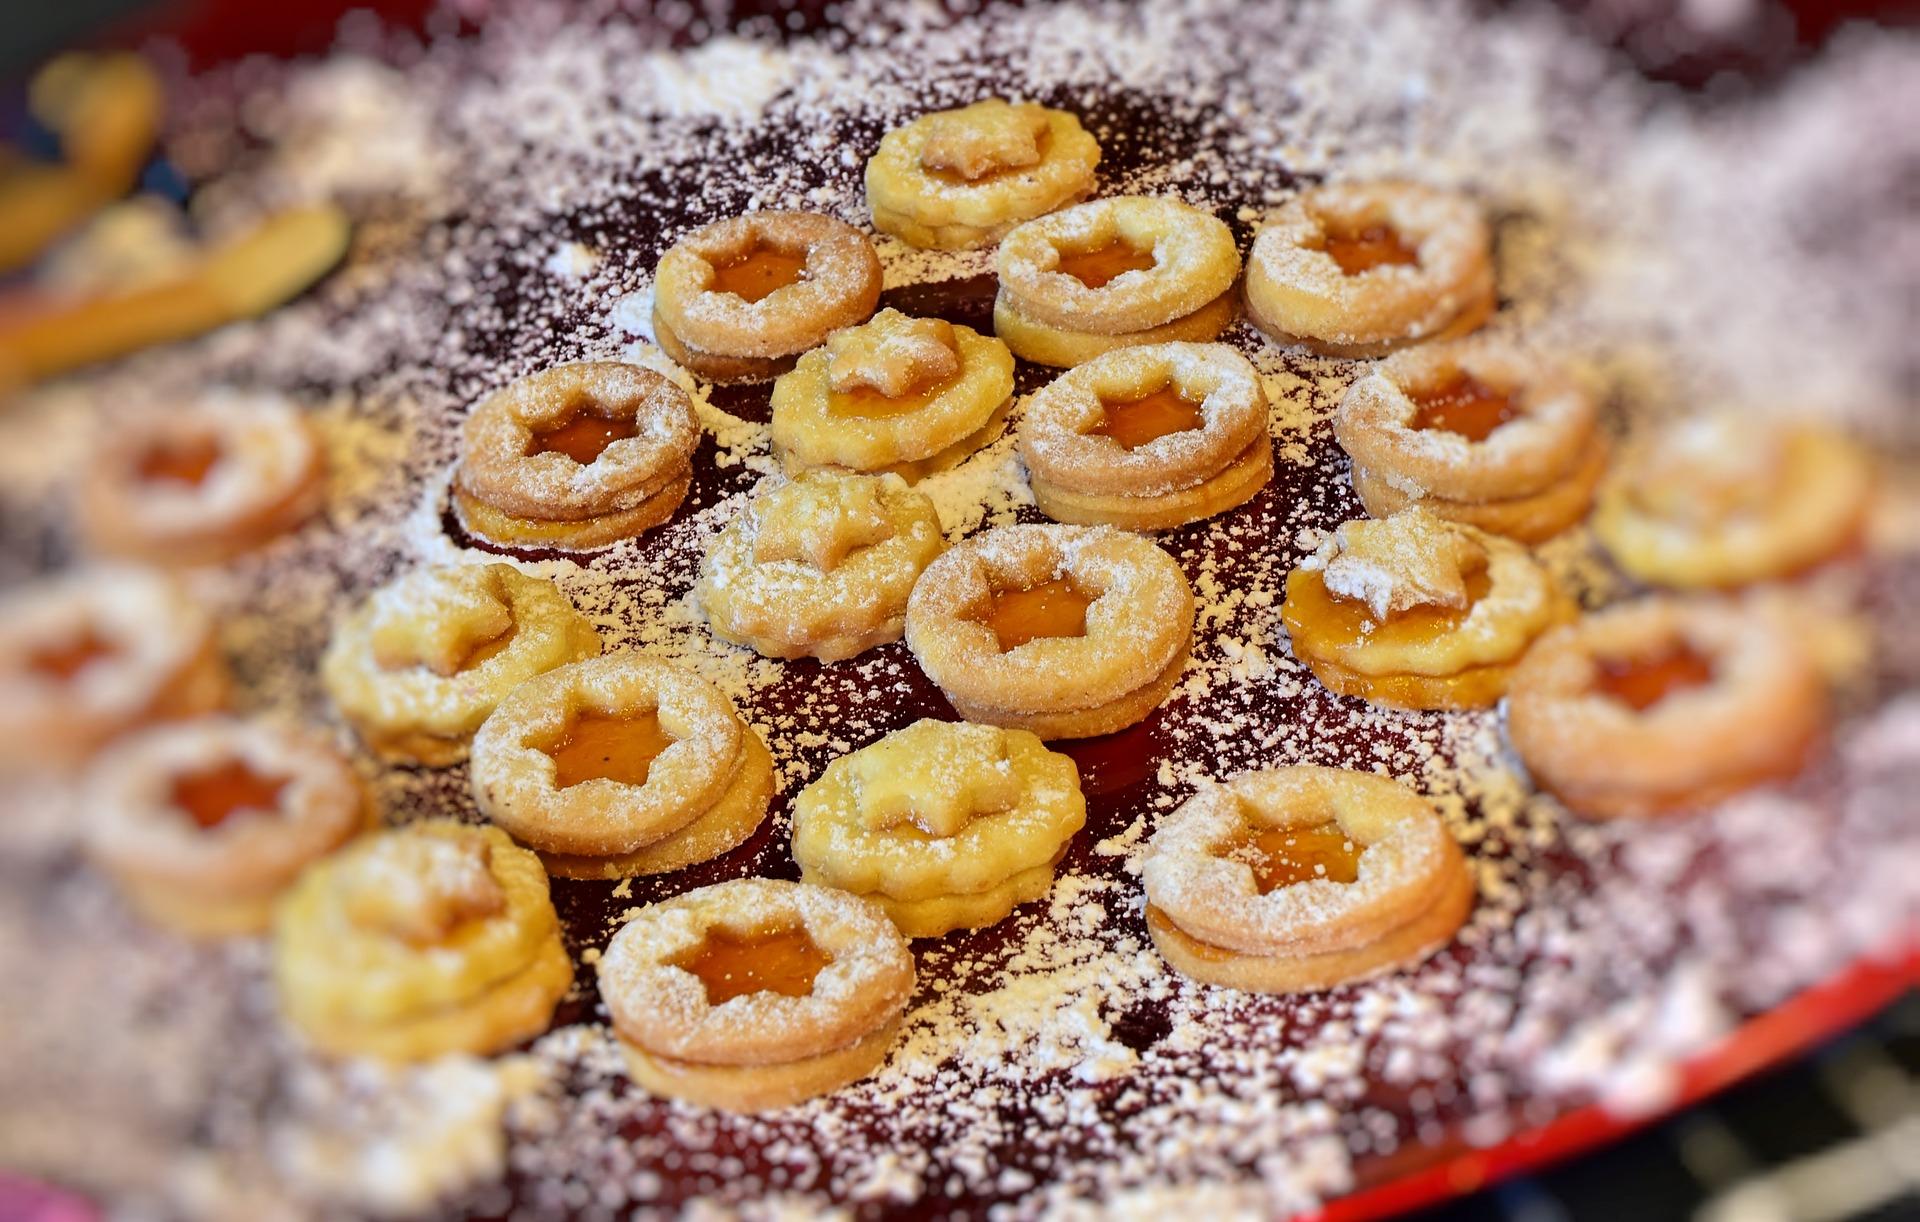 Studentenfutter: Plätzchen mit Marmelade